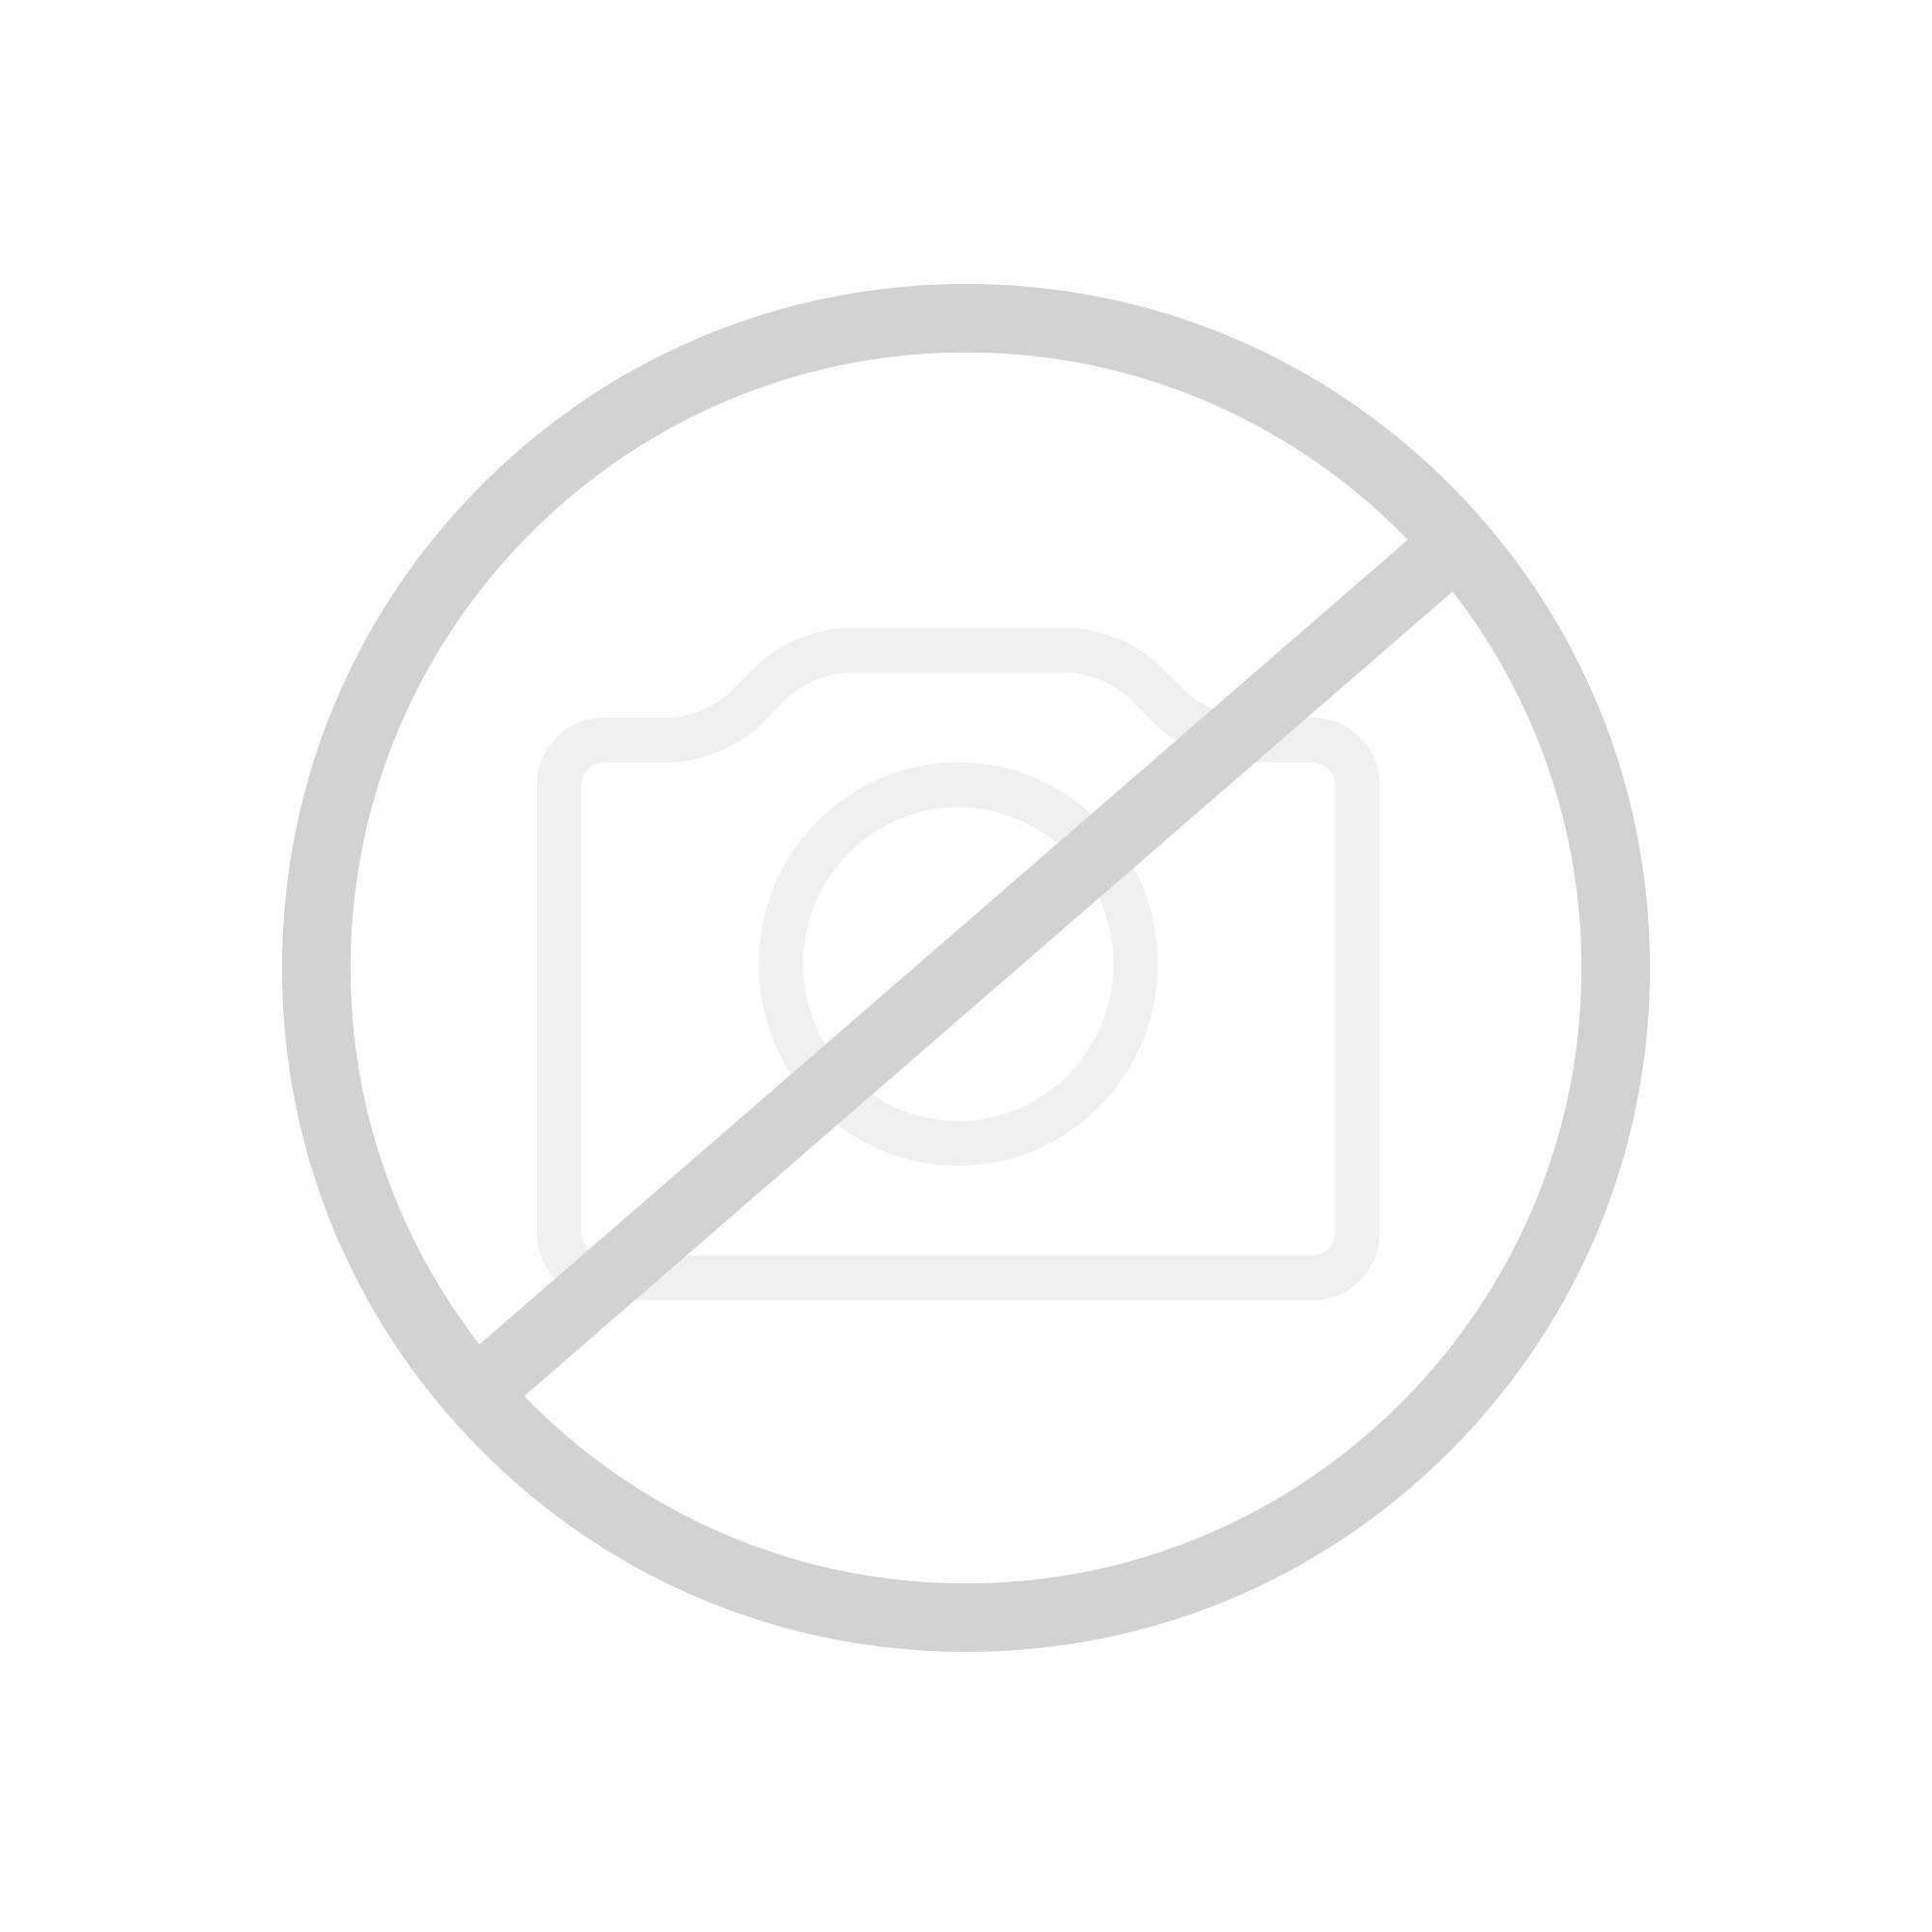 Duschwannen & Duschtassen günstig kaufen bei REUTER | {Duschwanne flach preis 13}